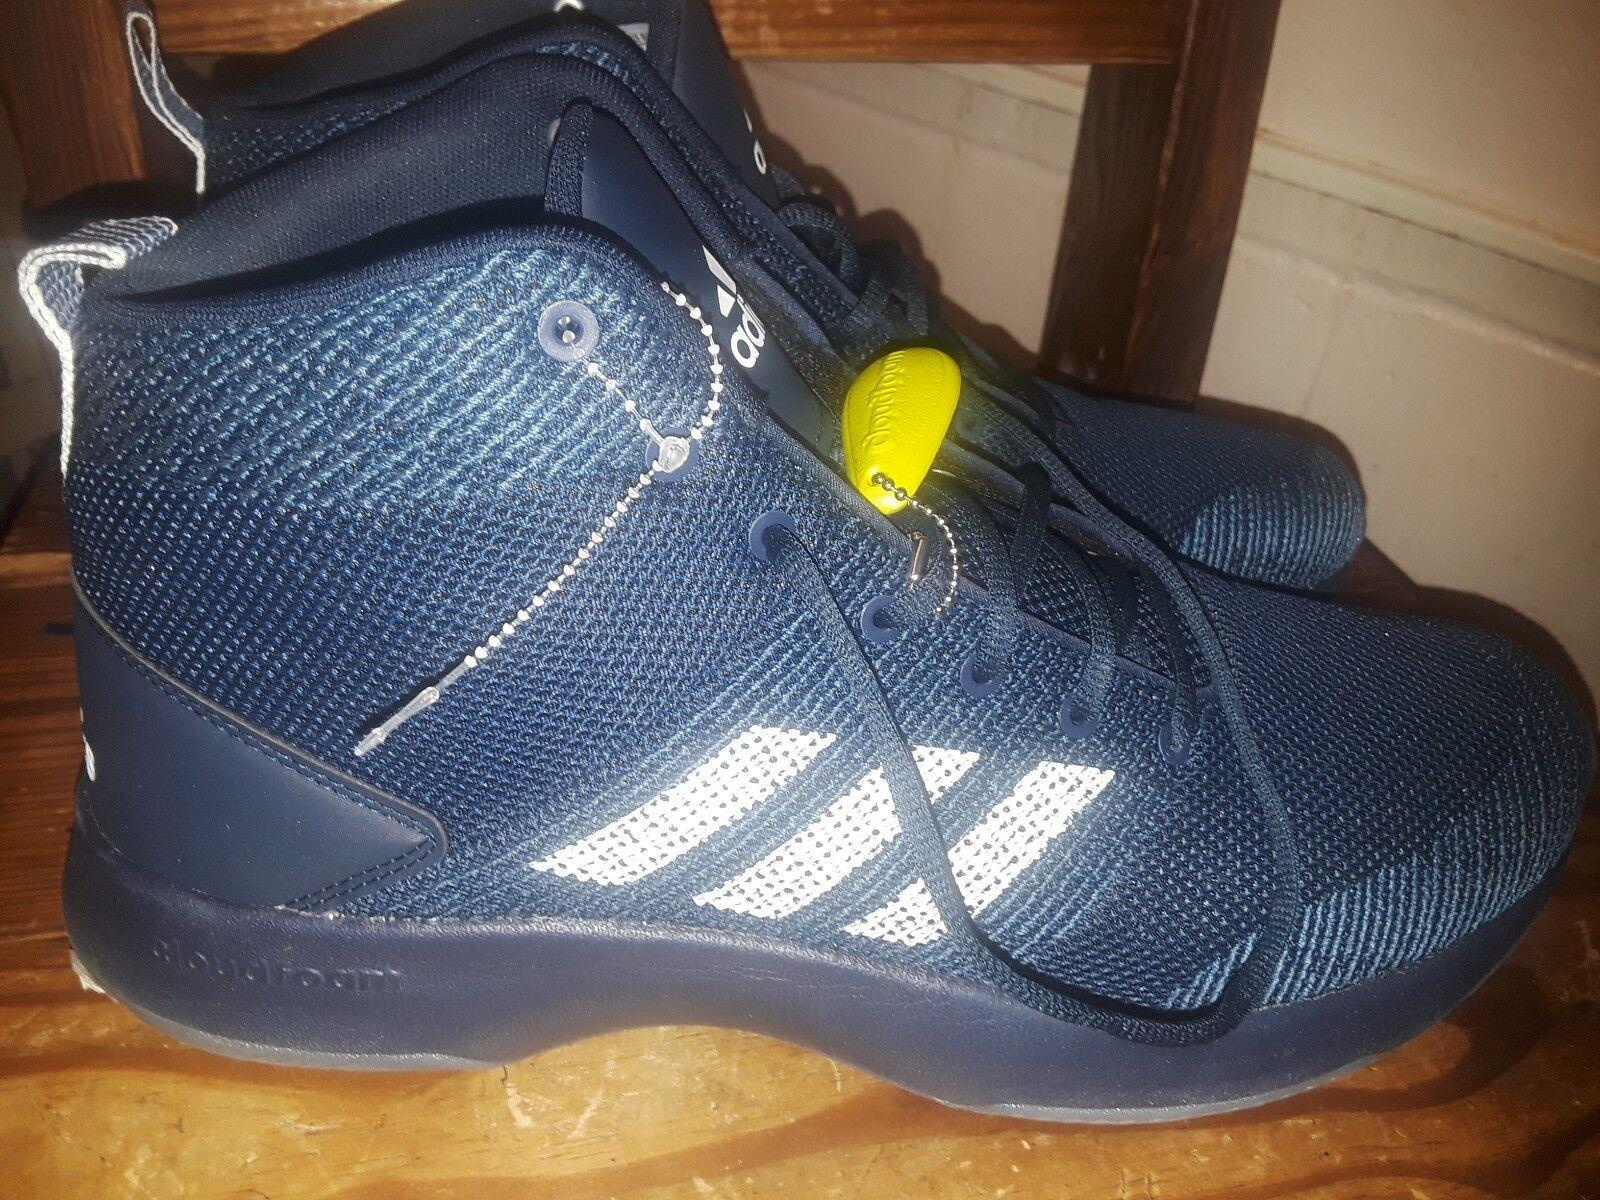 adidas neo - - männer mitte der basketball - - schuhe - cf - vollstrecker bb9902 mitte der nacht blau size13 f74852